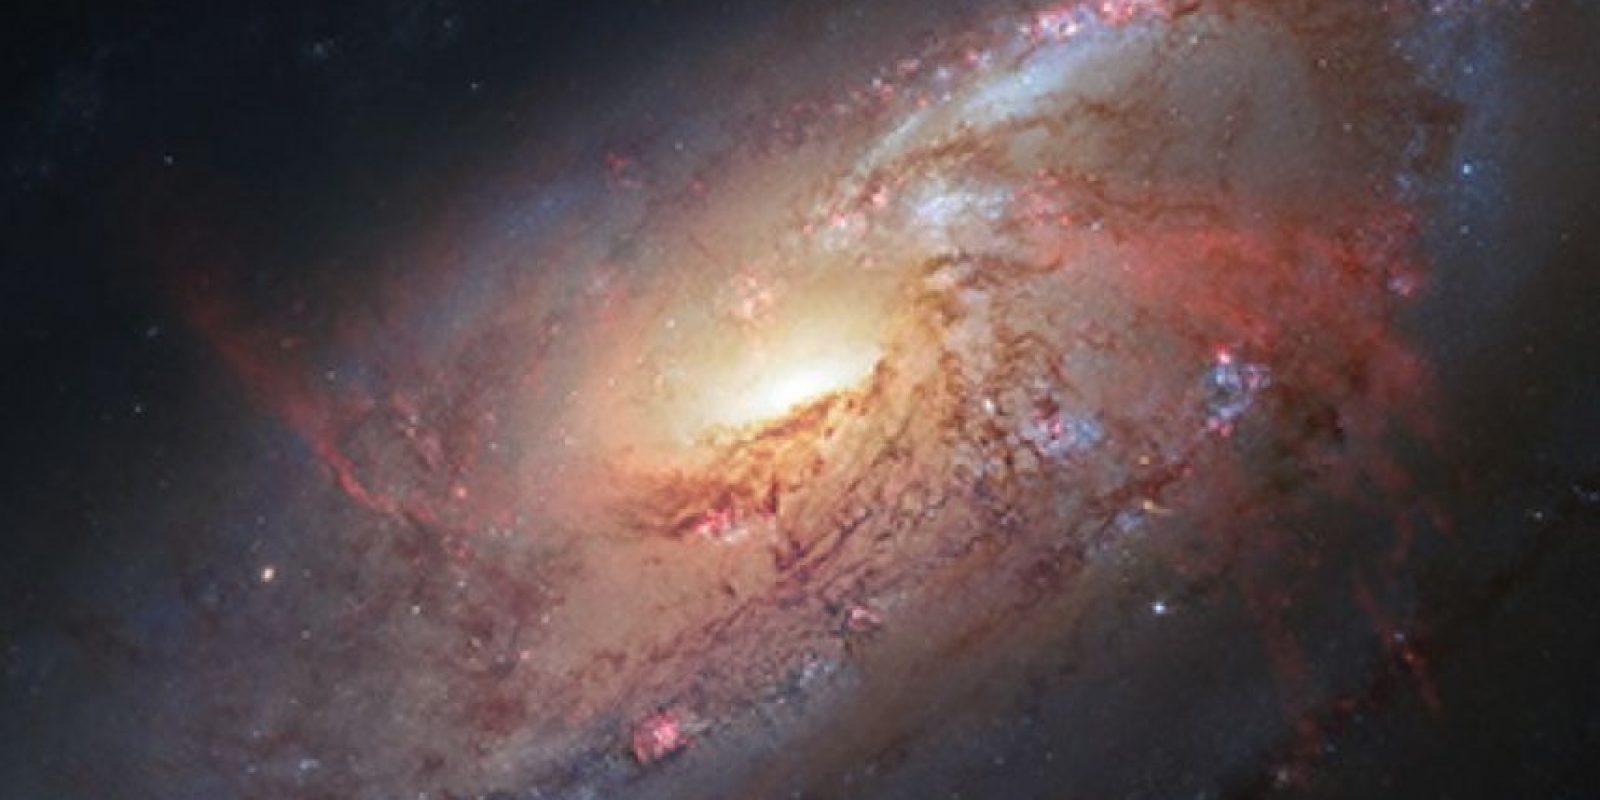 Este telescopio orbita en el exterior de la atmósfera. Foto:hubblesite.org/gallery